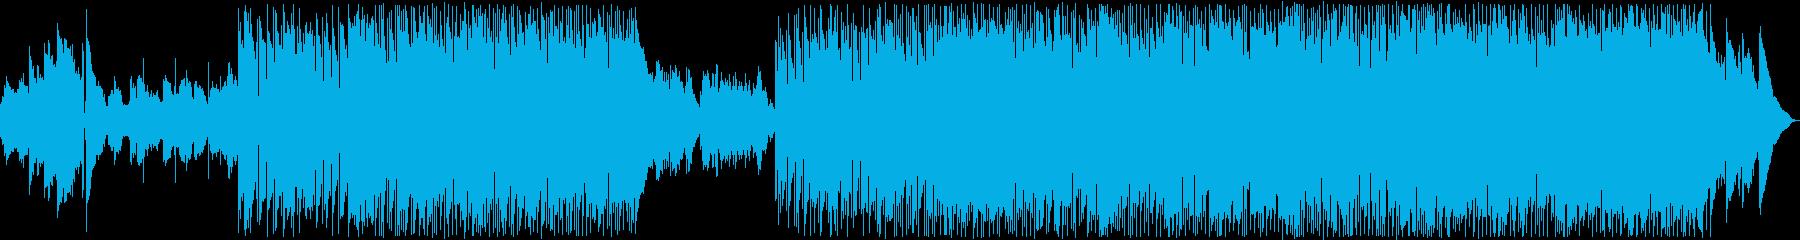 緩やかな雰囲気80年代風Jpopバラードの再生済みの波形